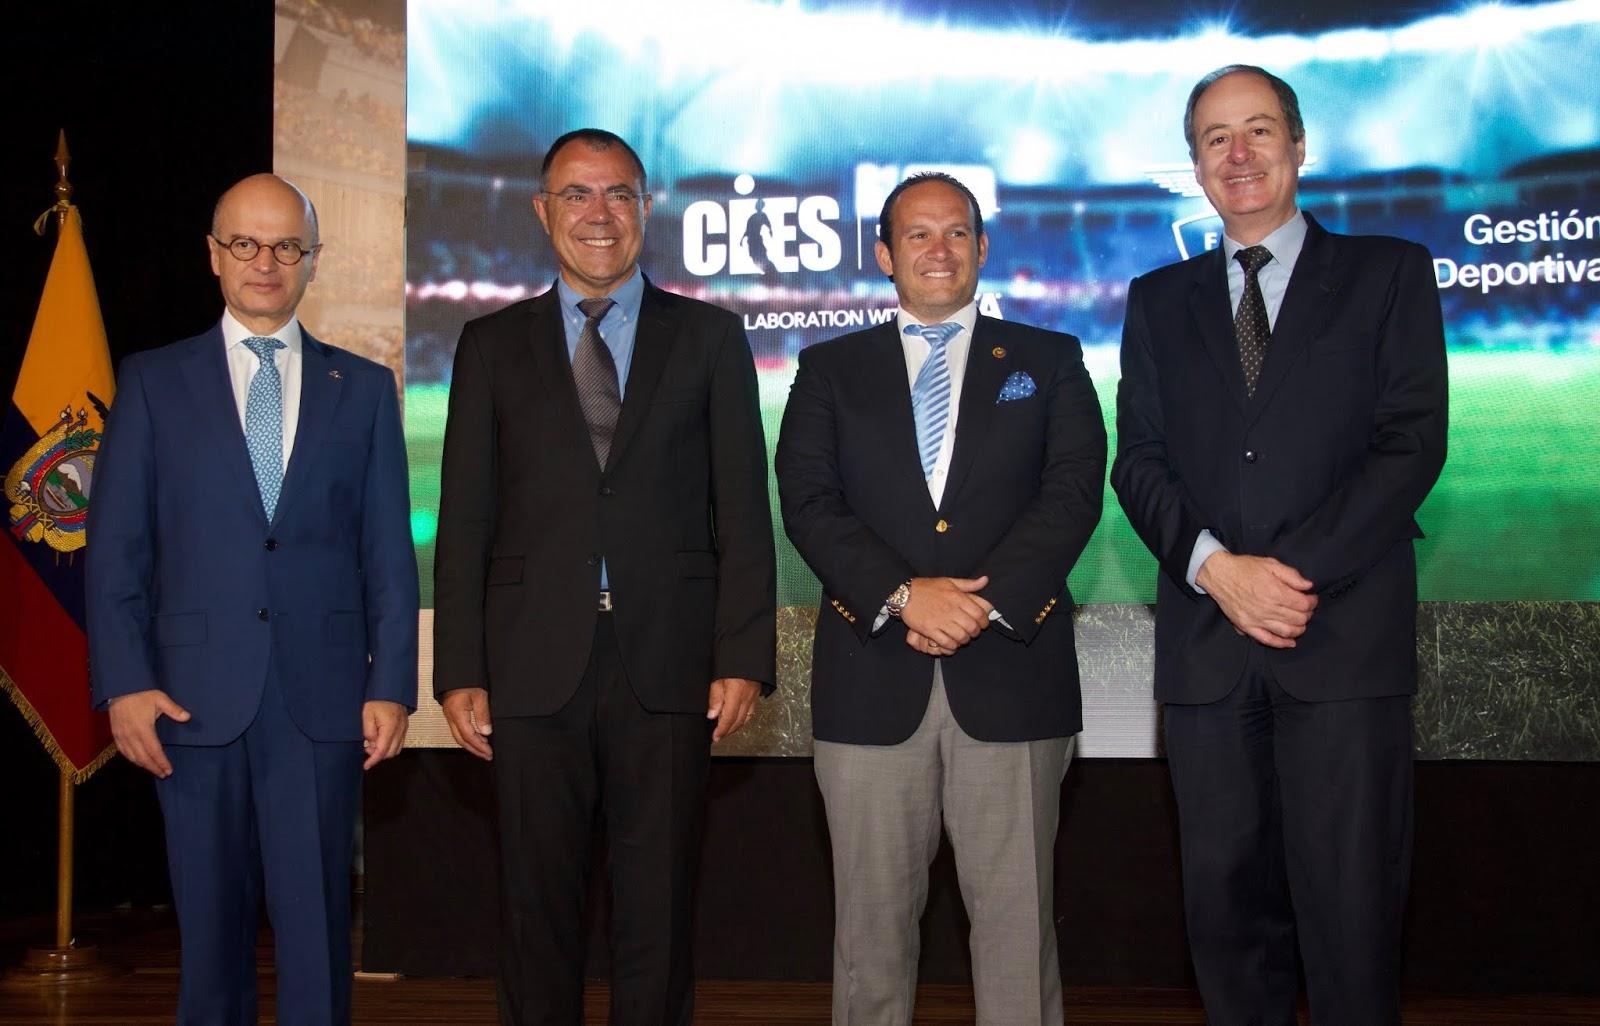 El CIES firma un nuevo convenio de colaboración para realizar un Programa Ejecutivo en Gestión Deportiva